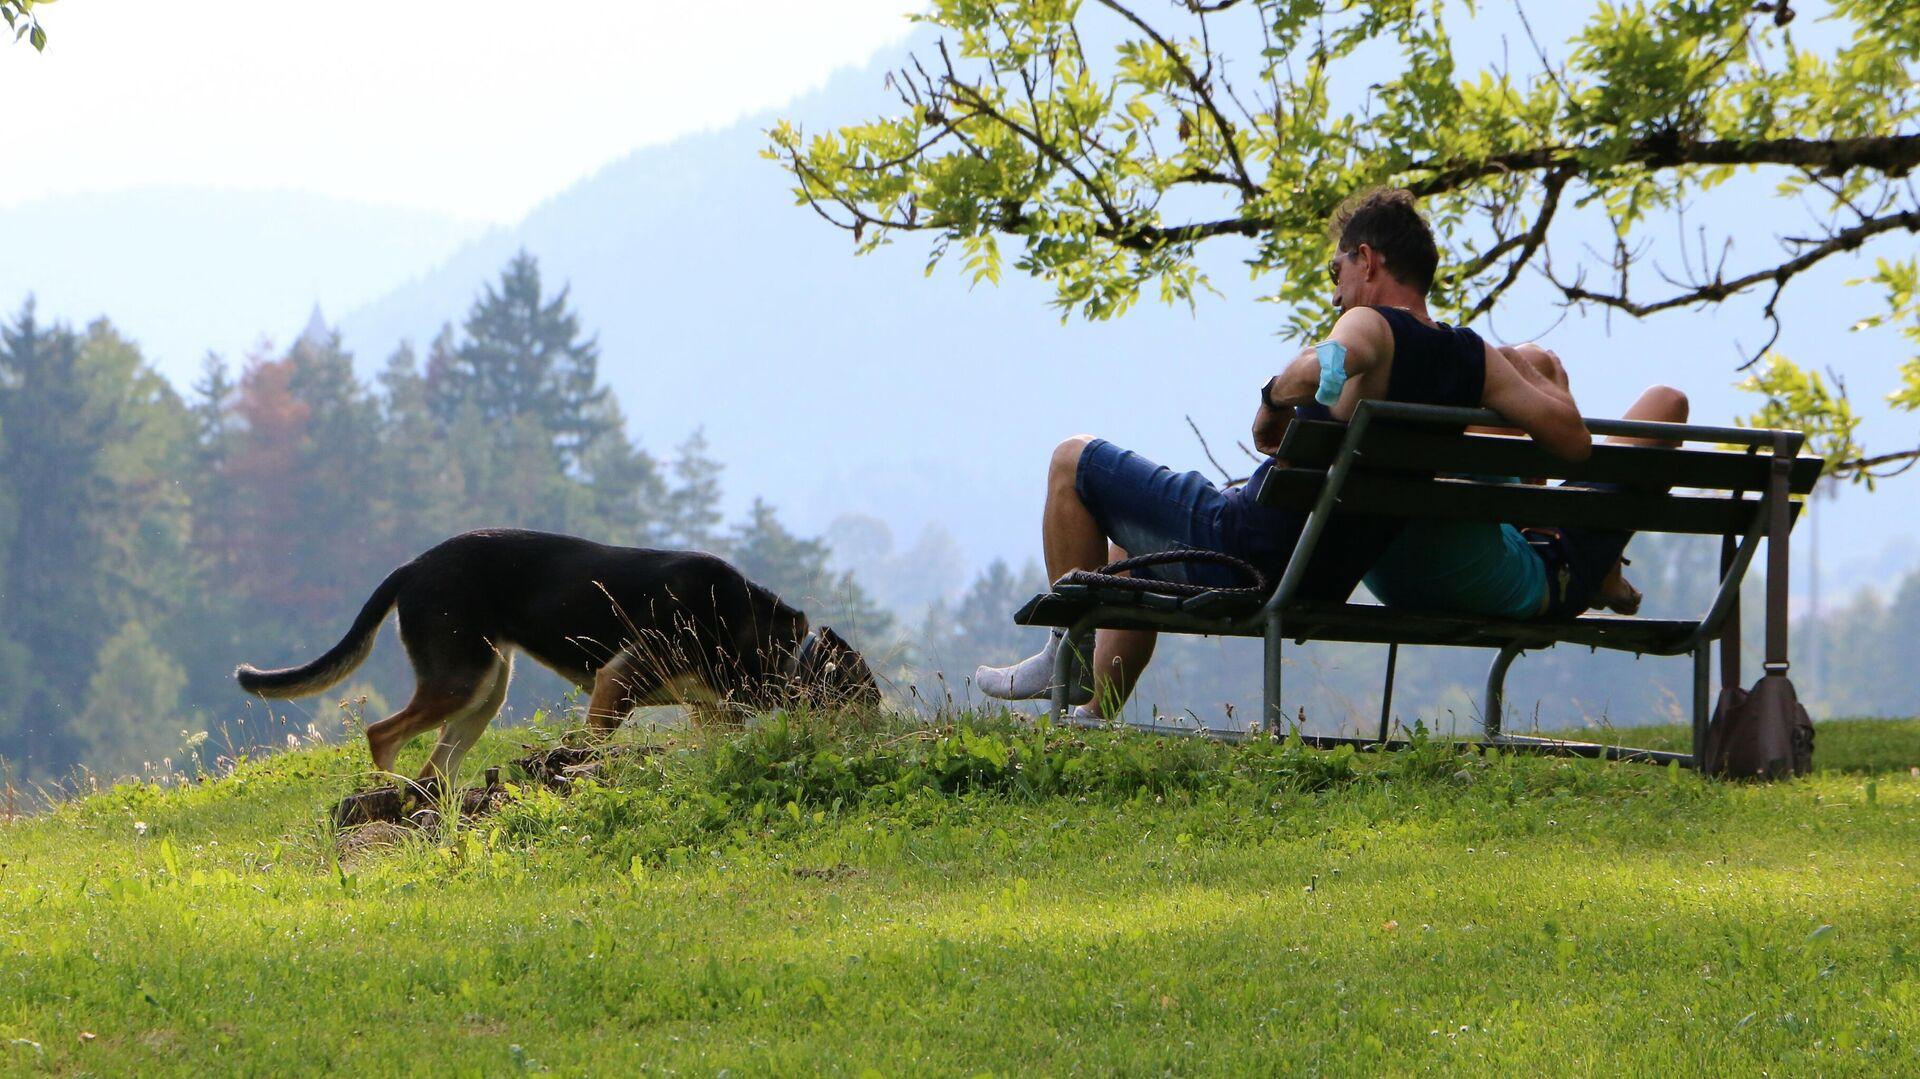 Un cane con un padrone fanno un giro in un parco in Italia - Sputnik Italia, 1920, 04.09.2021